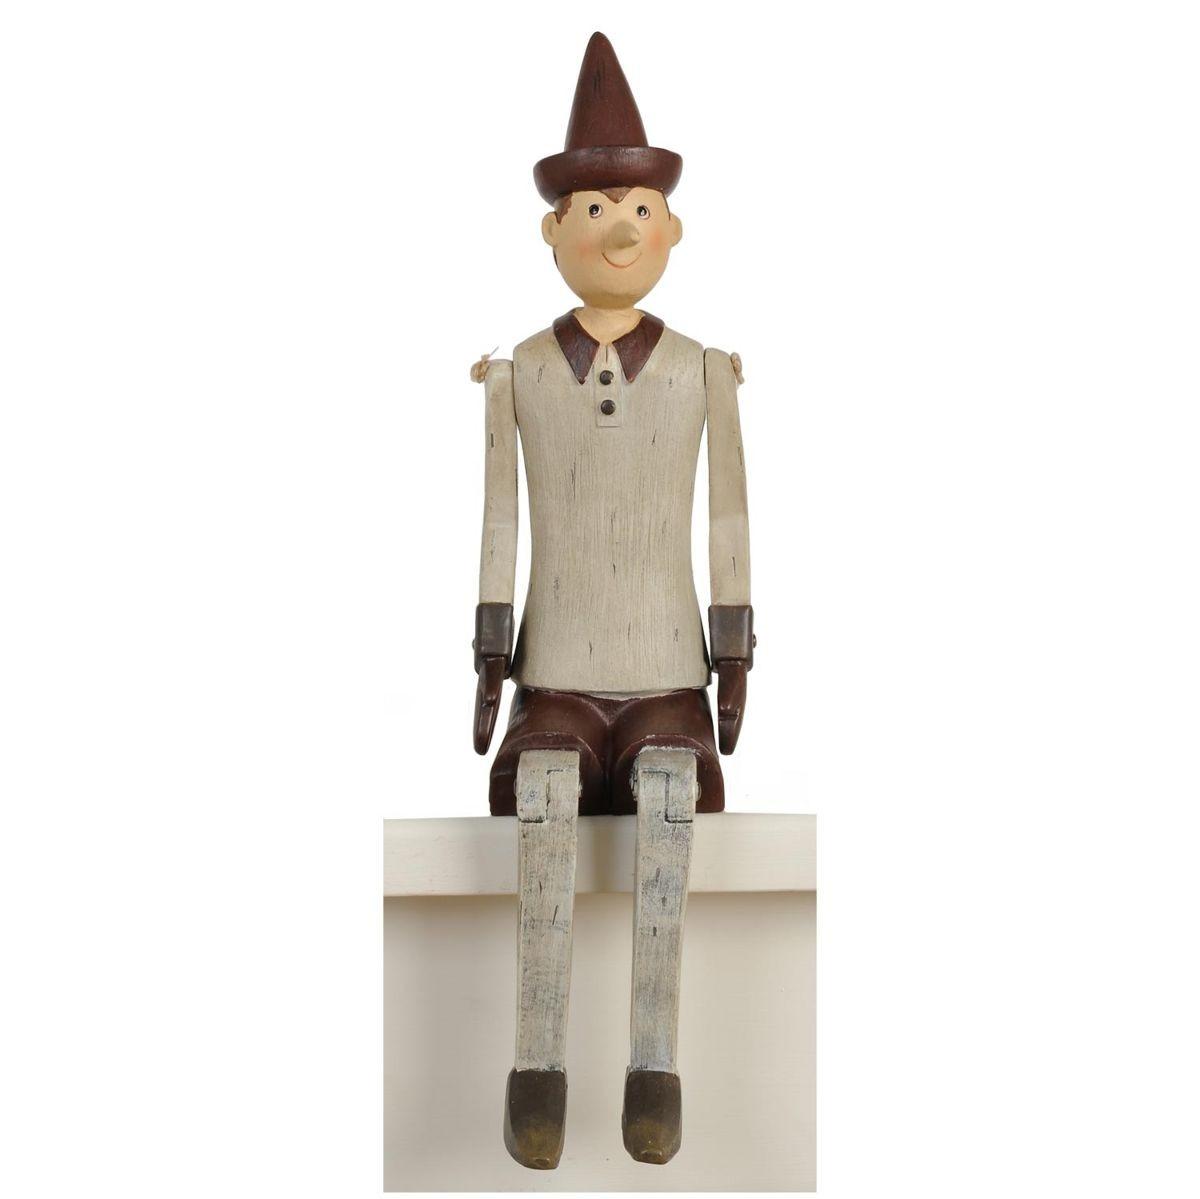 Figurka Pinokio Siedziący 6pr0050 Clayre Amp Eef Dekoracje